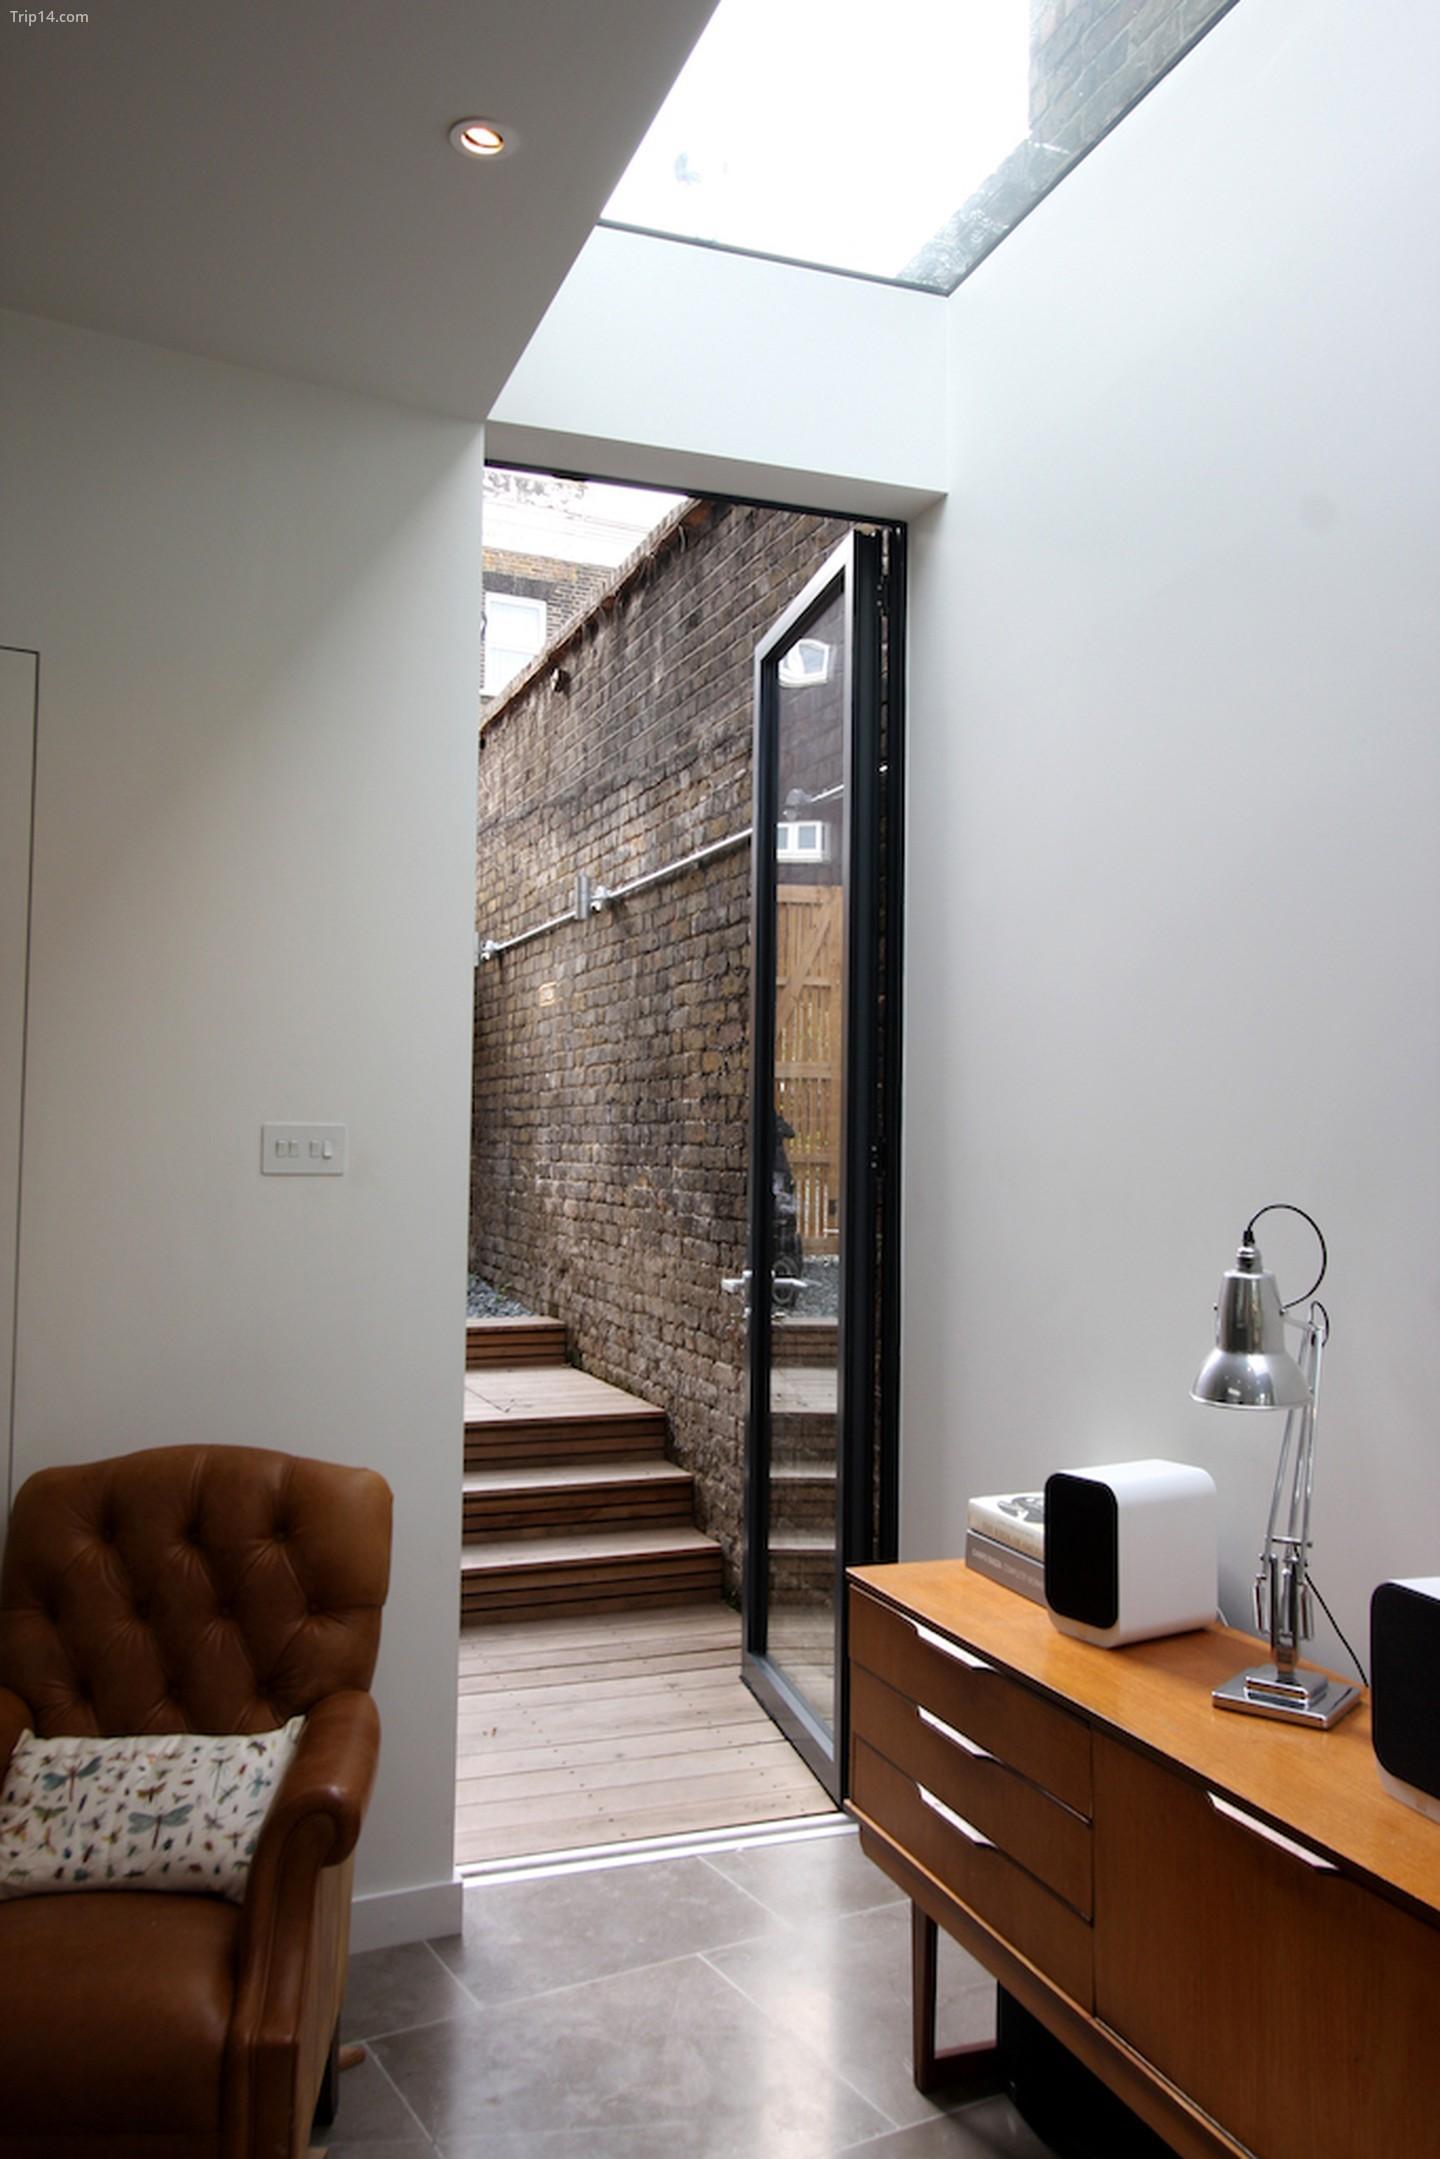 Đèn mái không khung và cửa mỏng từ IQ Glass cho phép ánh sáng